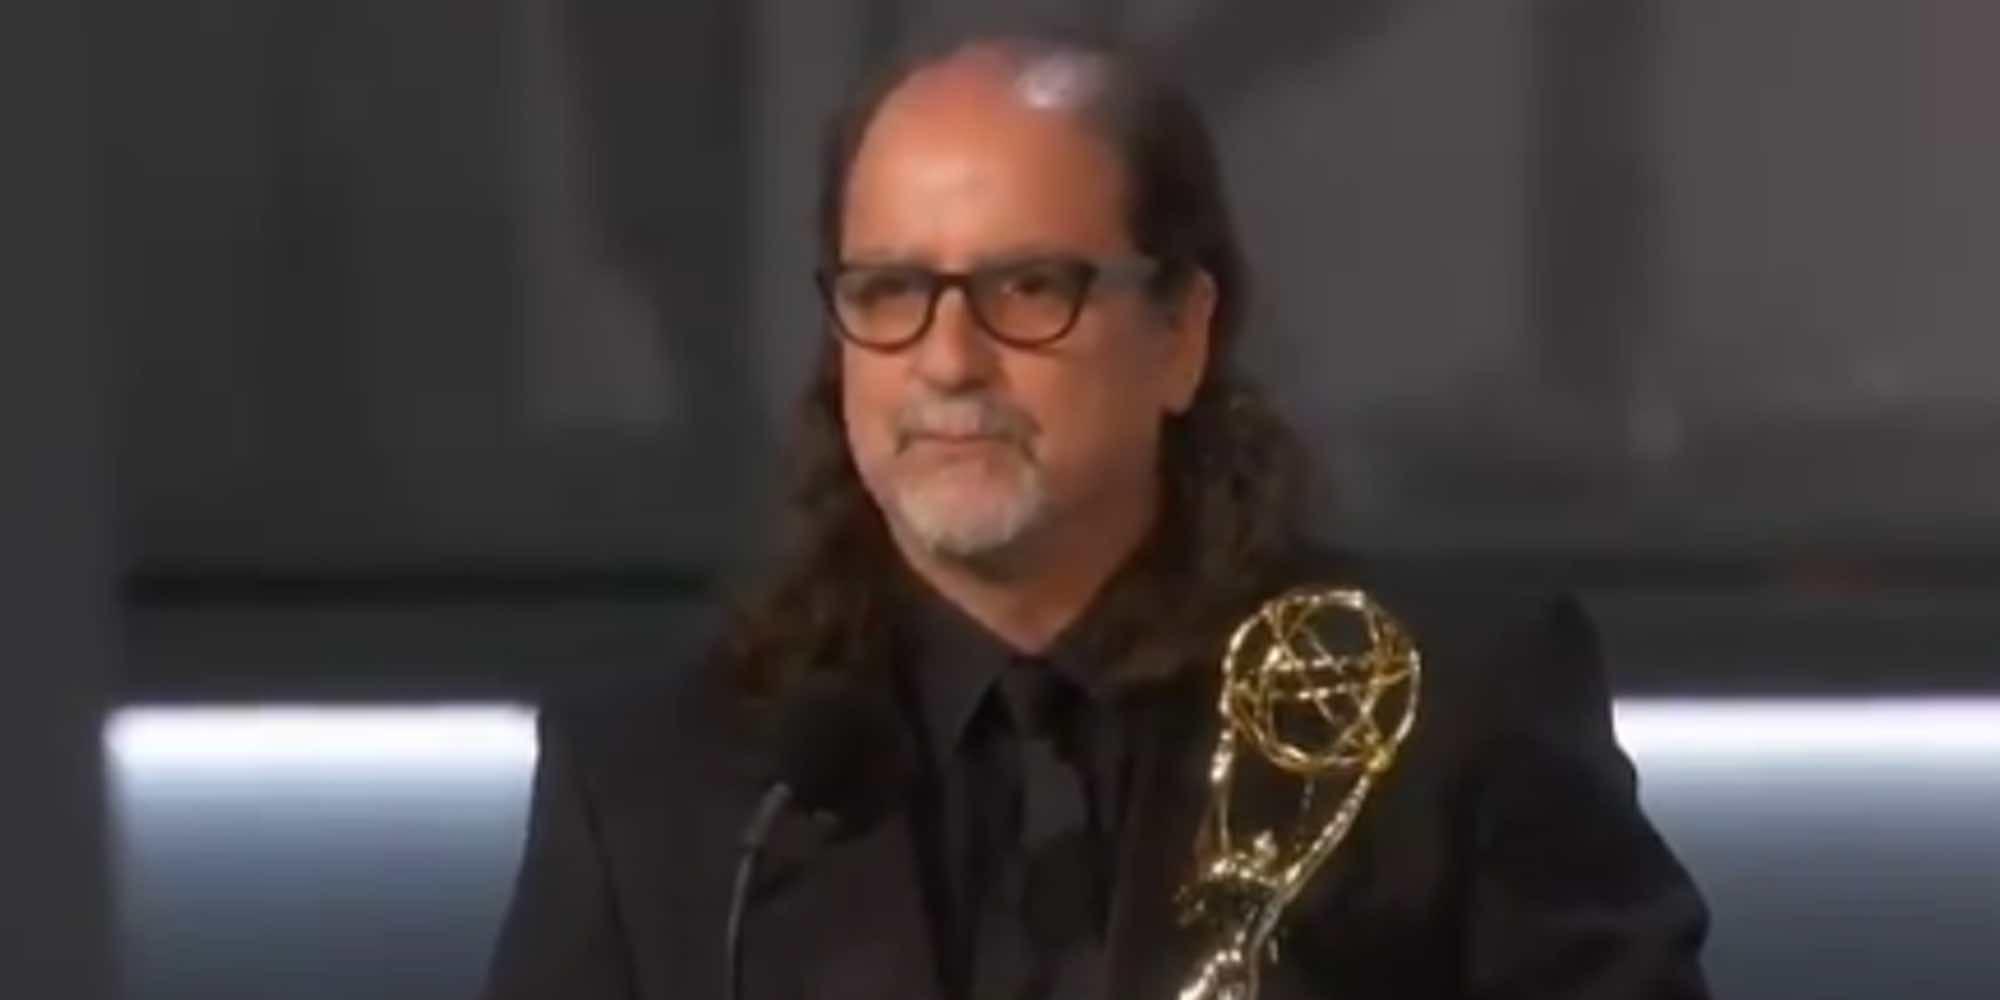 La pedida de mano de Glenn Weiss a su chica que ha eclipsado la entrega de los Emmys 2018